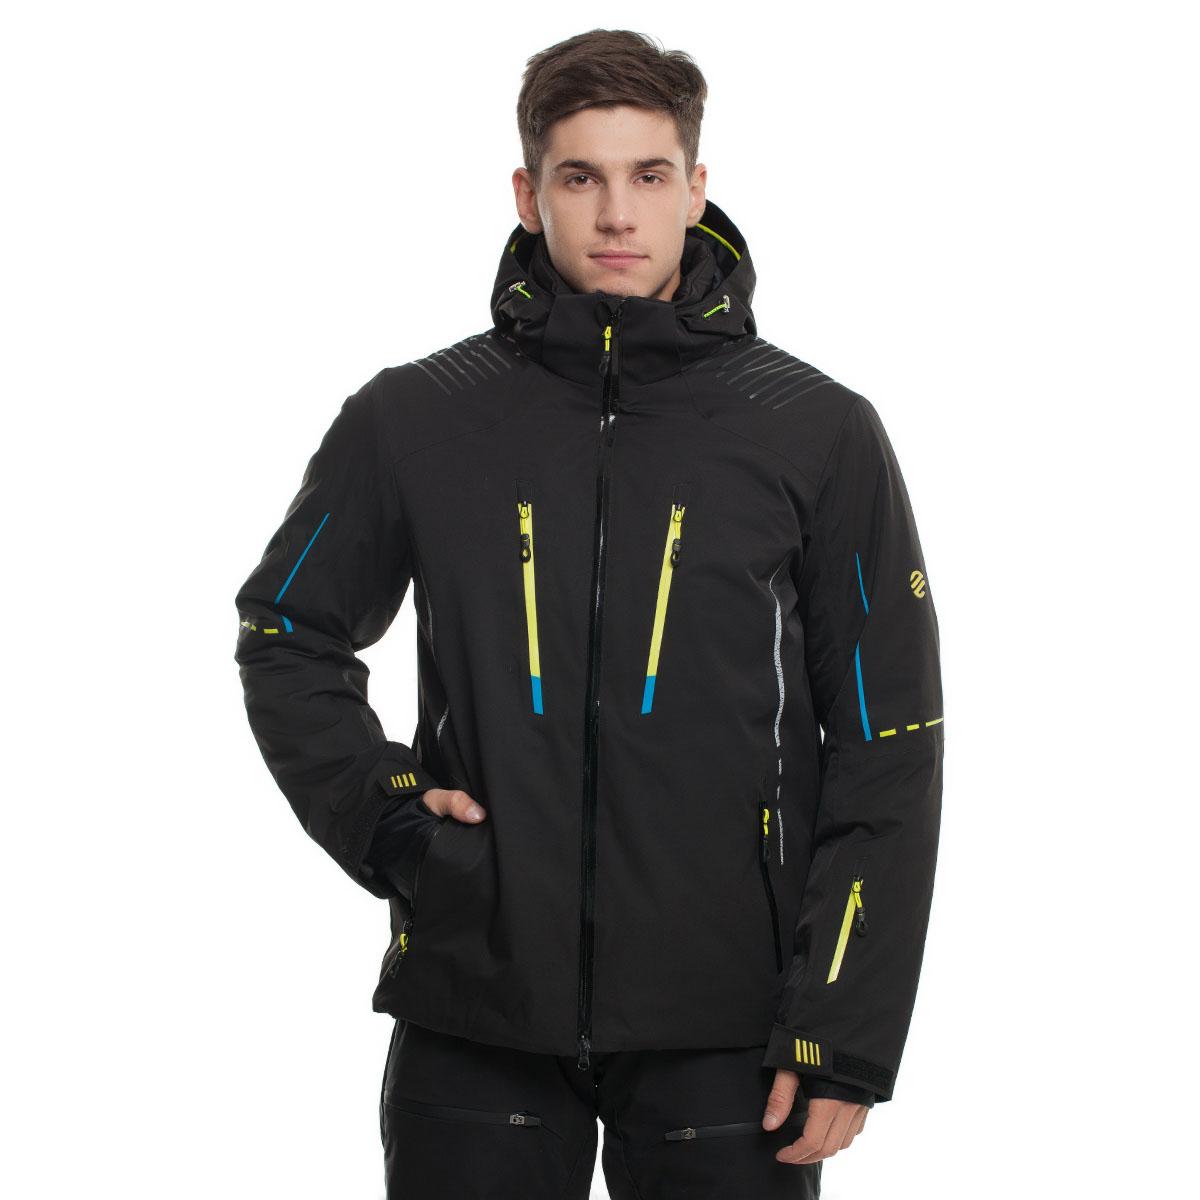 Куртка горнолыжная WHS ROMA, 568029